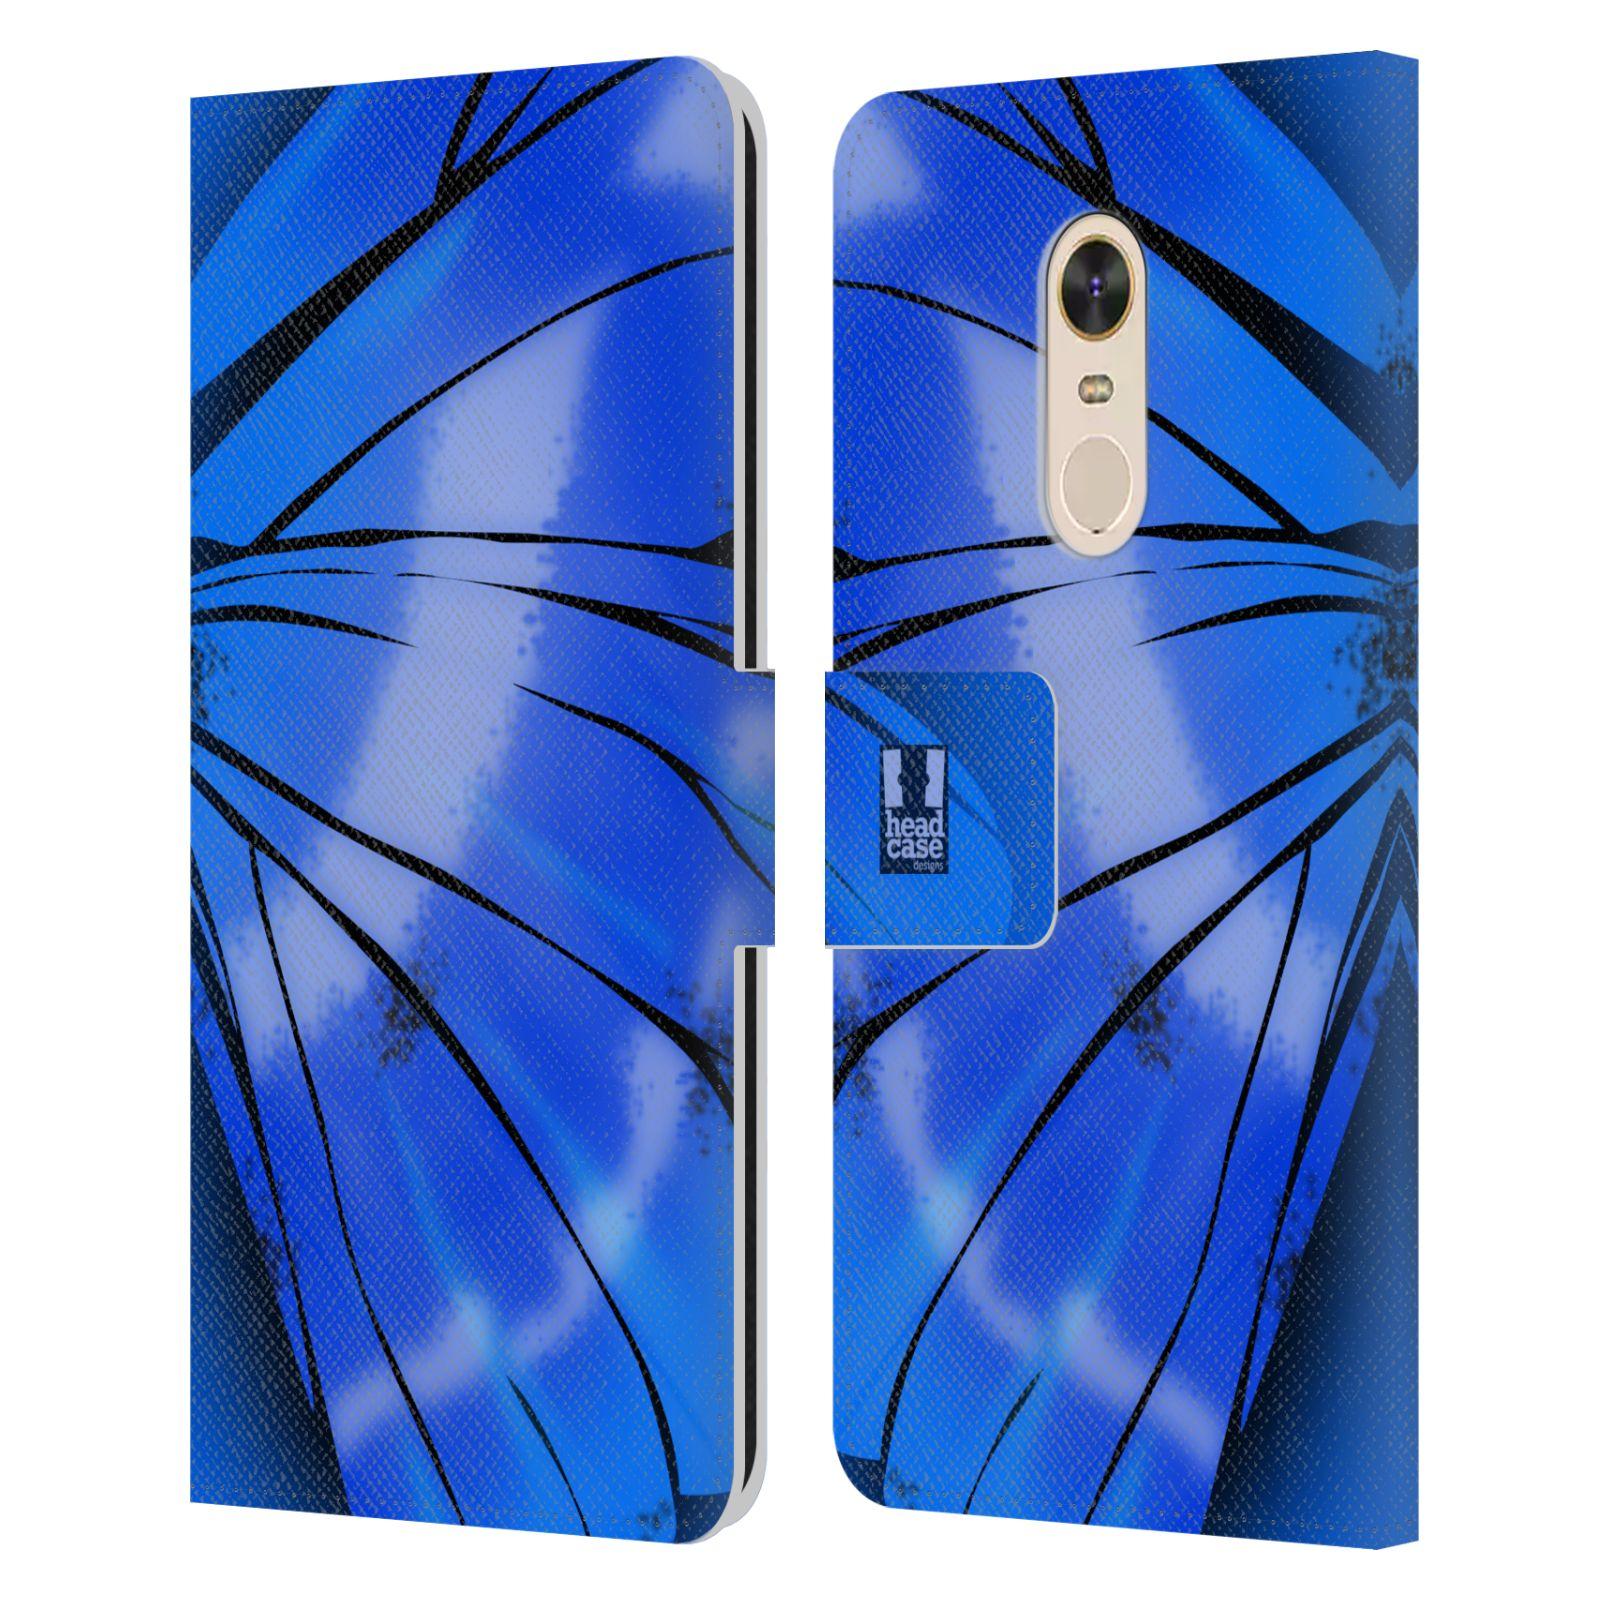 HEAD CASE Flipové pouzdro pro mobil Xiaomi Redmi Note 5 motýl a křídla kreslený vzor modrá zářivá